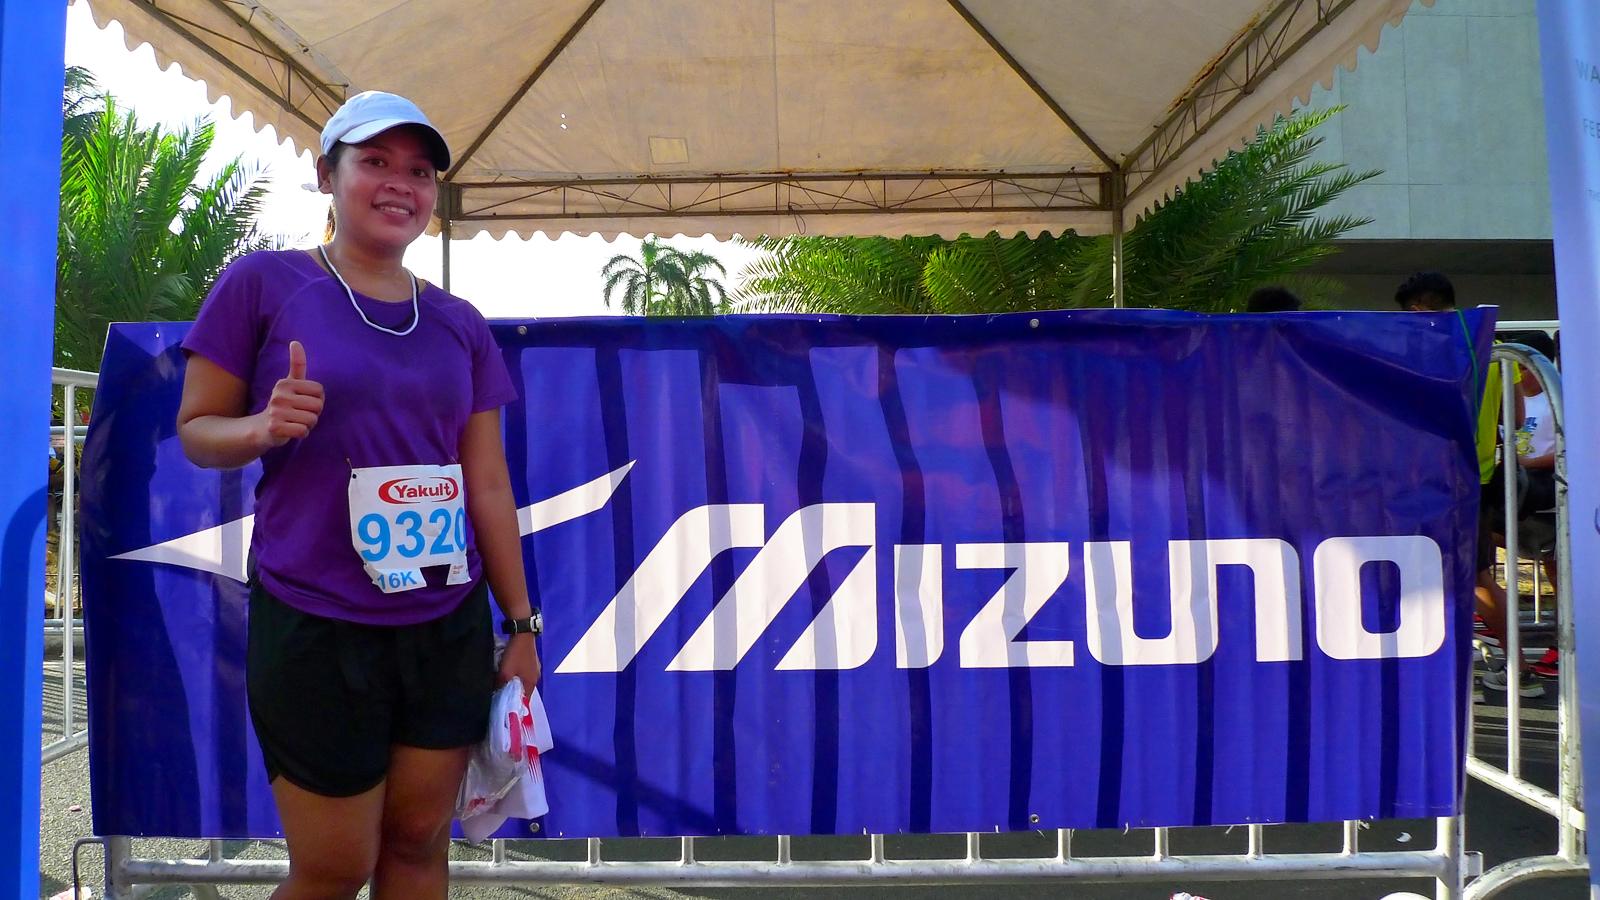 My 2nd 10-miler at the Yakult 25th Run